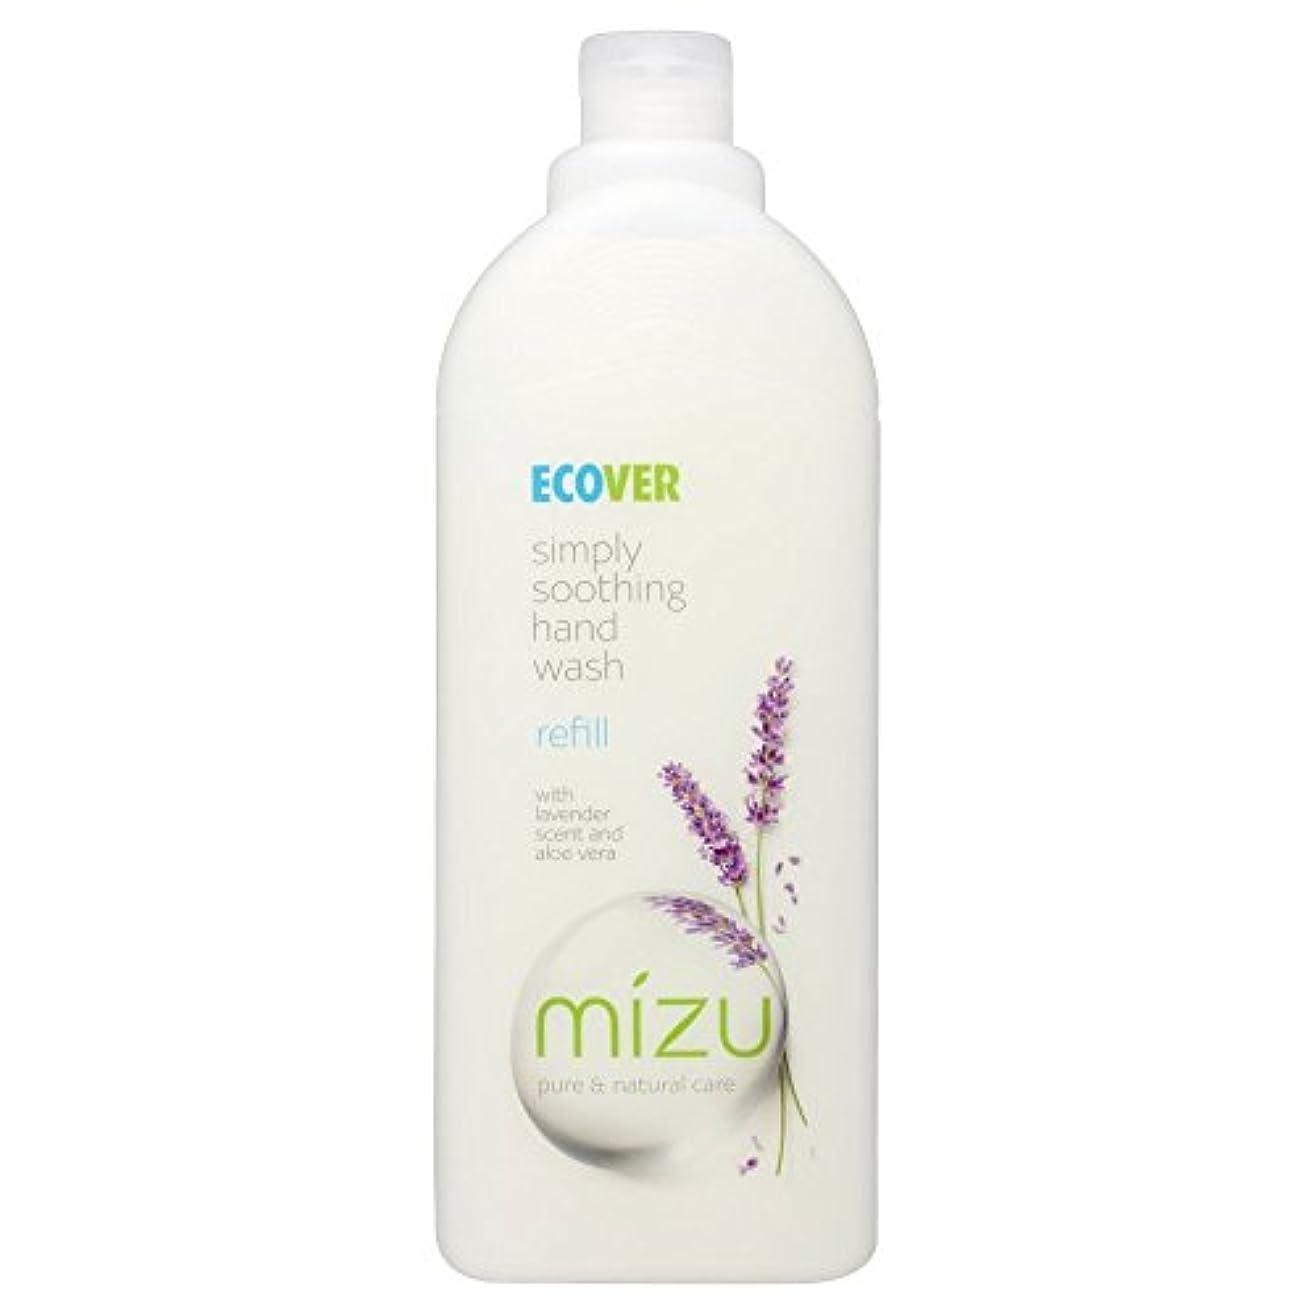 健康女性買い手Ecover Liquid Hand Soap Lavender & Aloe Vera Refill (1L) エコベール液体ハンドソープラベンダーとアロエベラリフィル??( 1リットル) [並行輸入品]